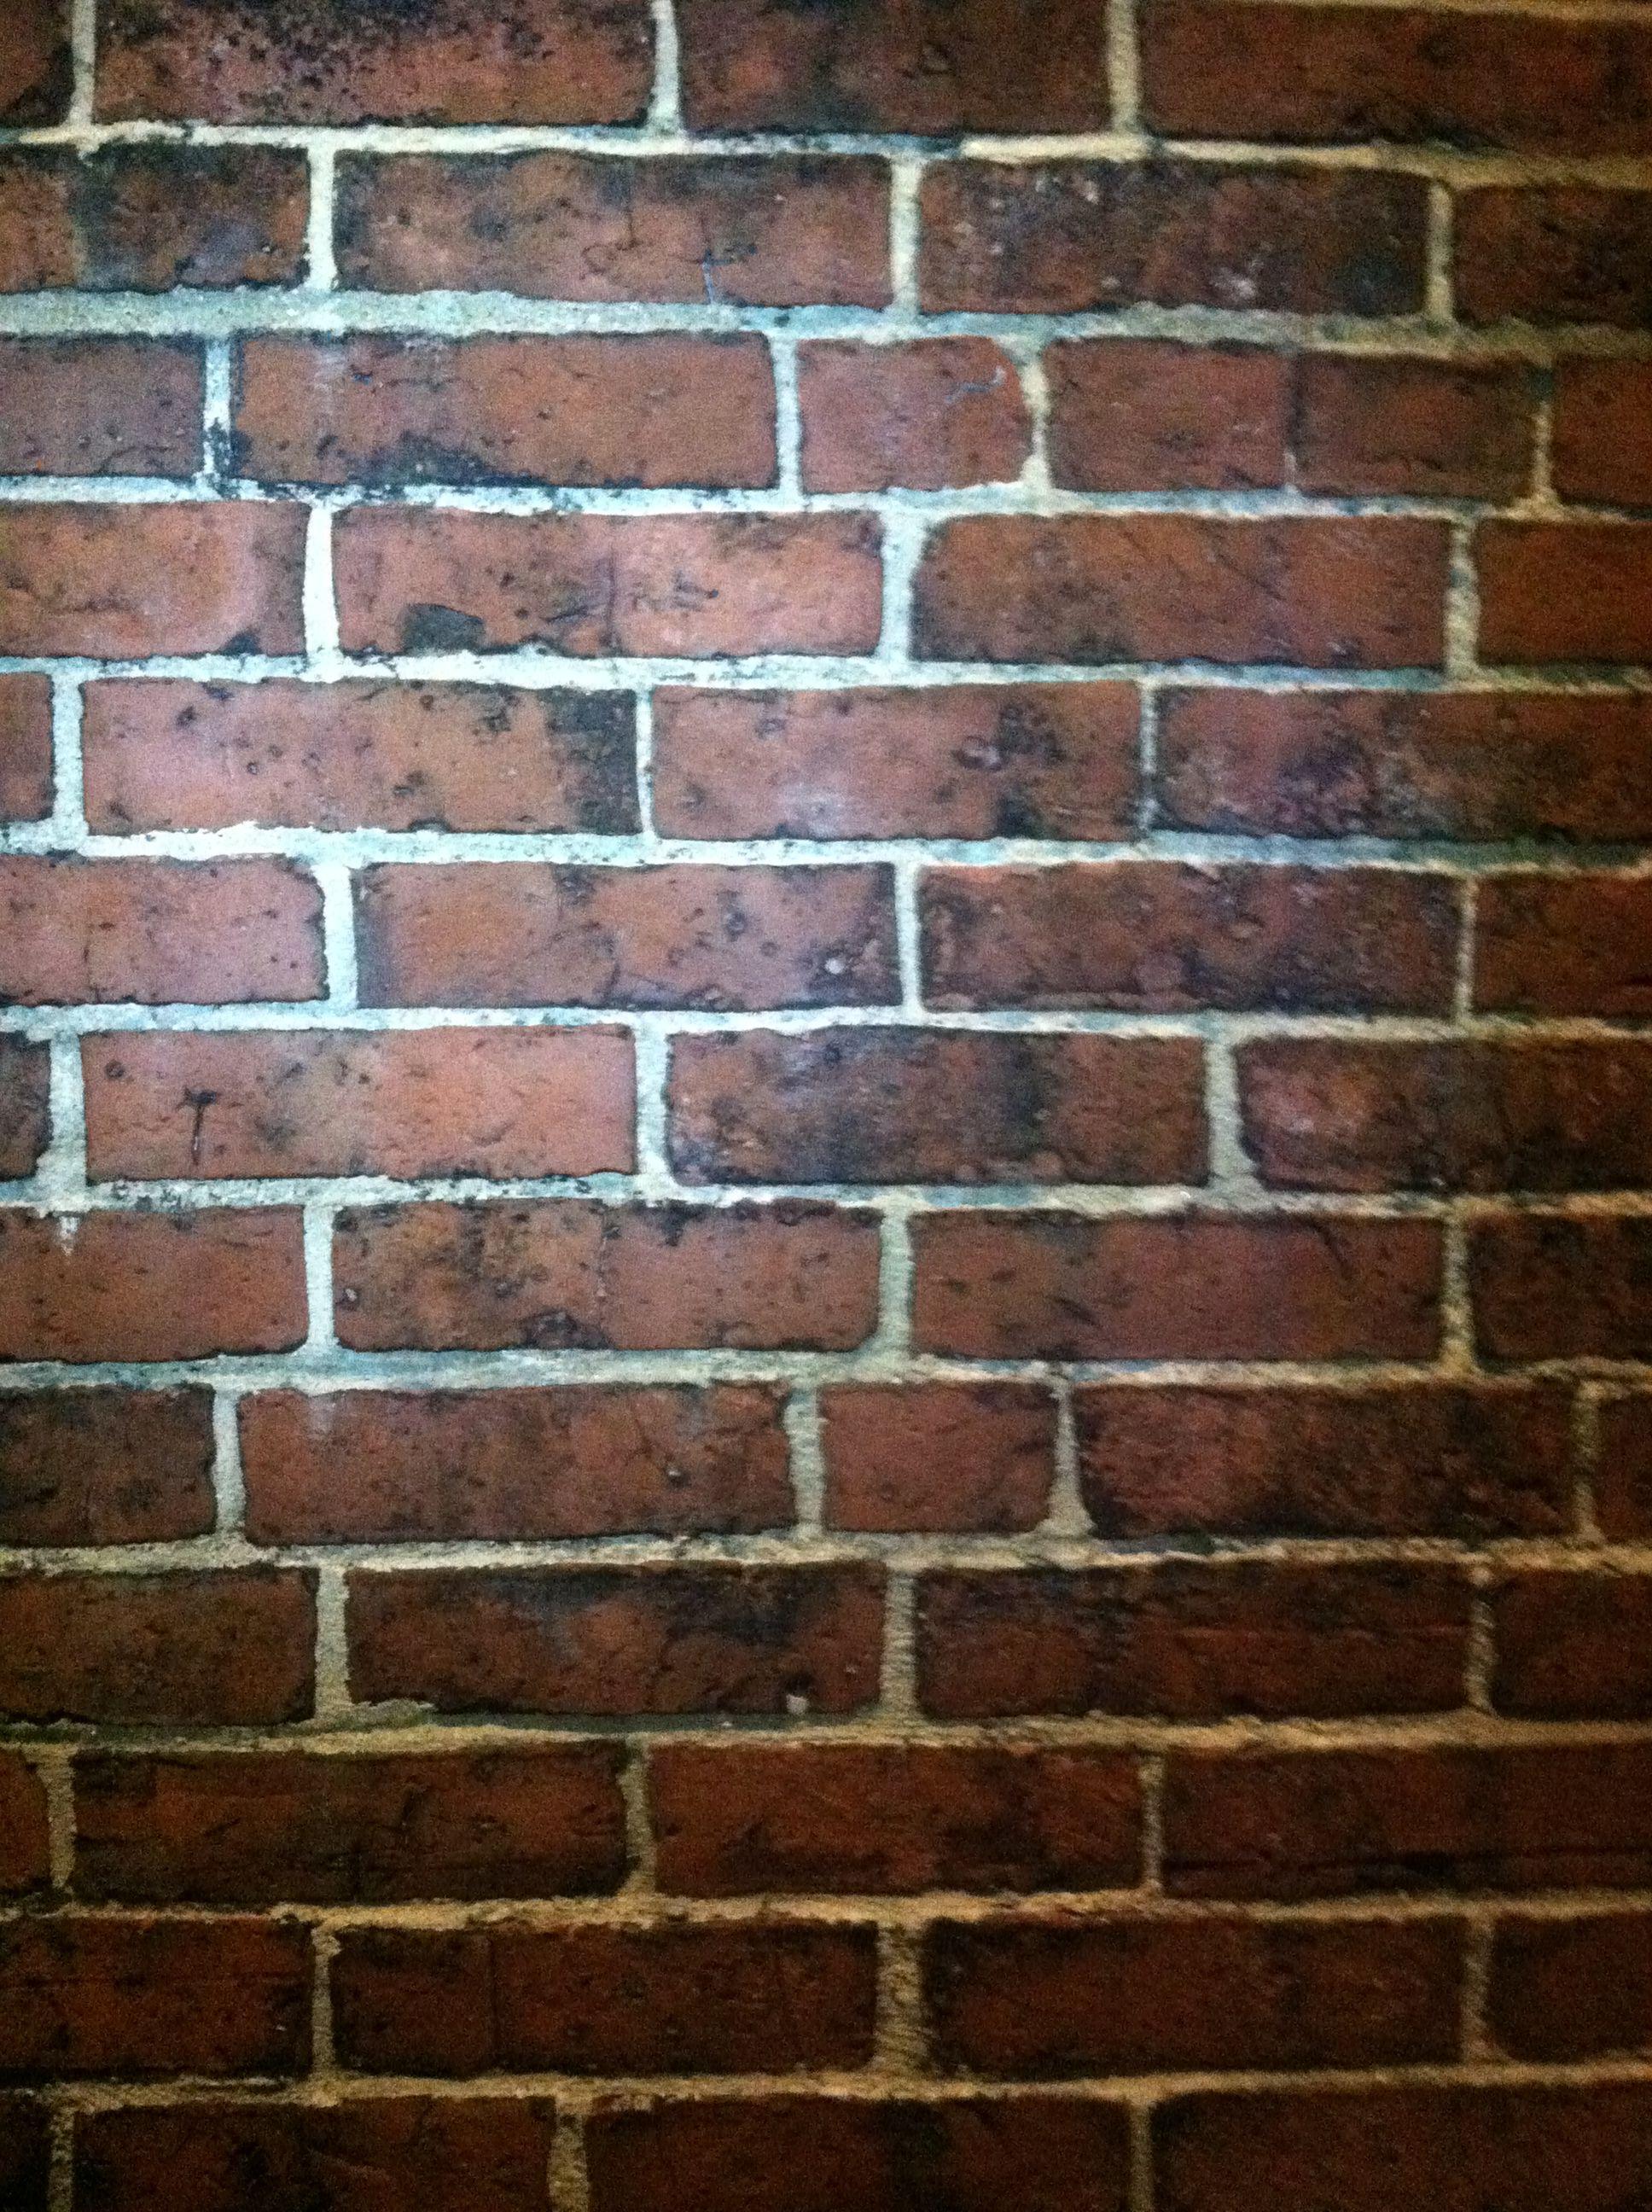 File:Dark City Brick Wall.jpeg - Wikimedia Commons